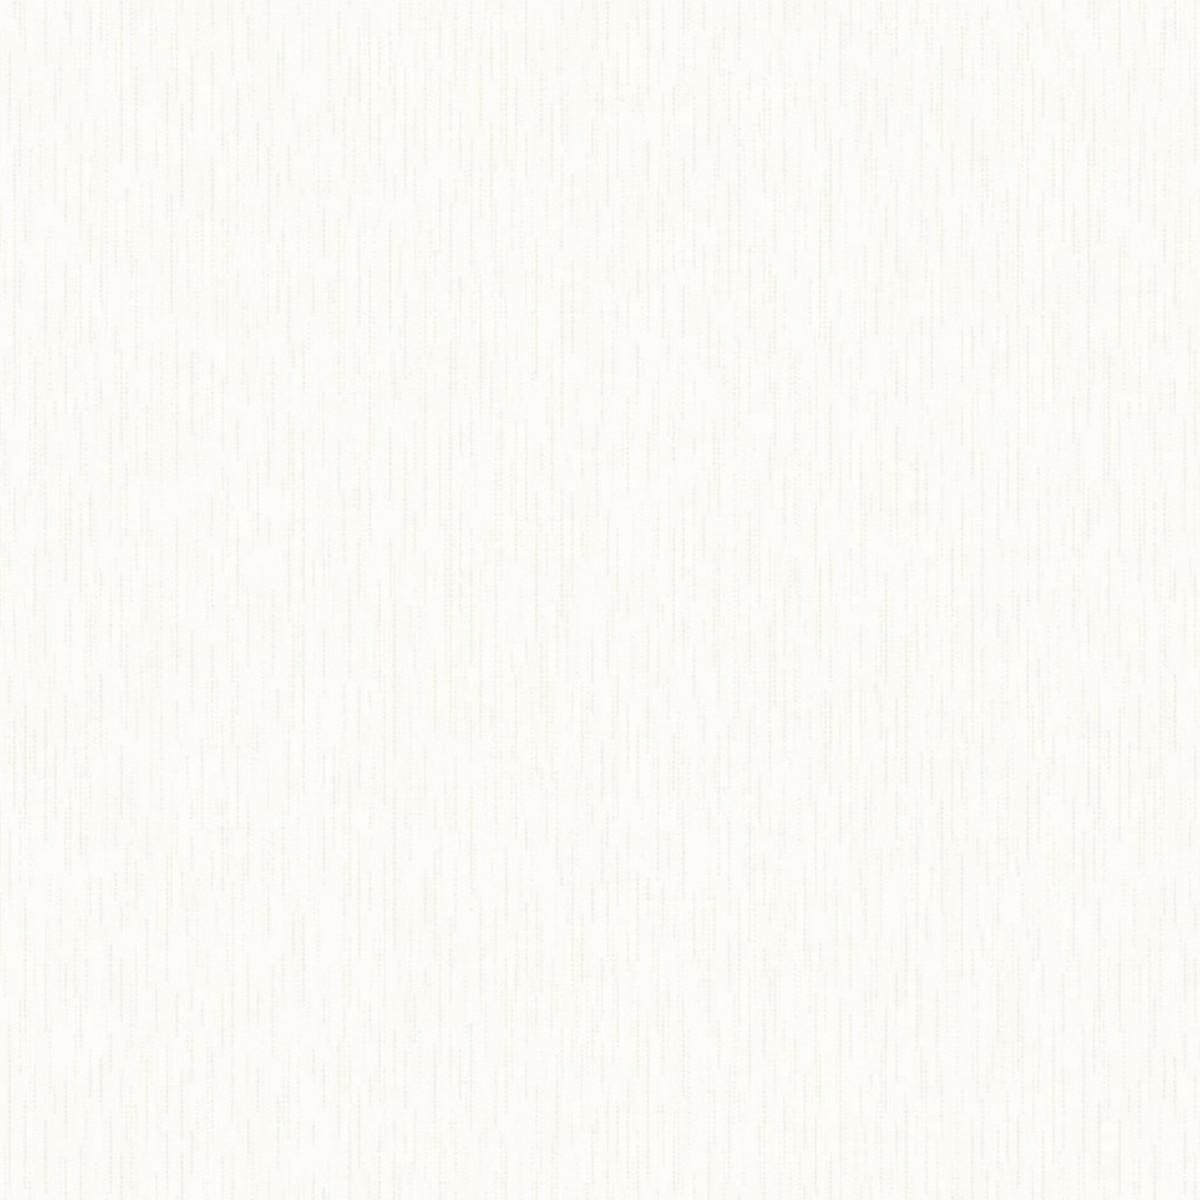 Обои флизелиновые Wallberry Нели белые 1.06 м 140701